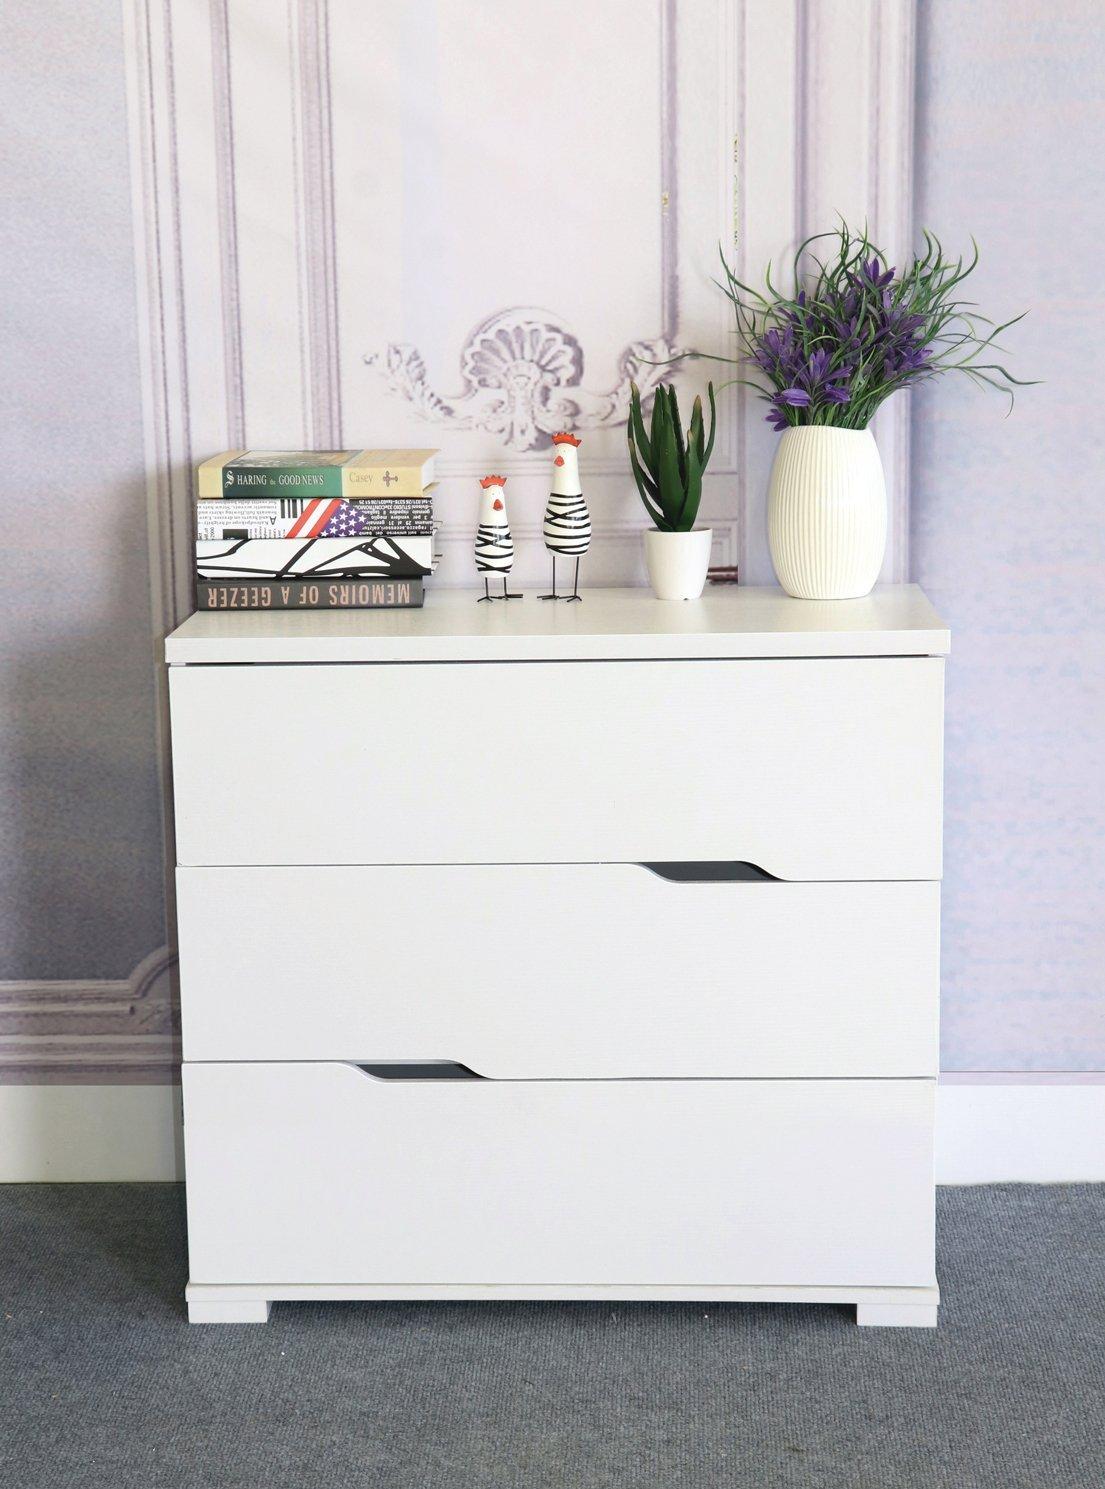 K16013-3 Eltra K Series Smart Home Diagonal Open Handles 3 Drawers Chest Dresser (3 Drawers, White)